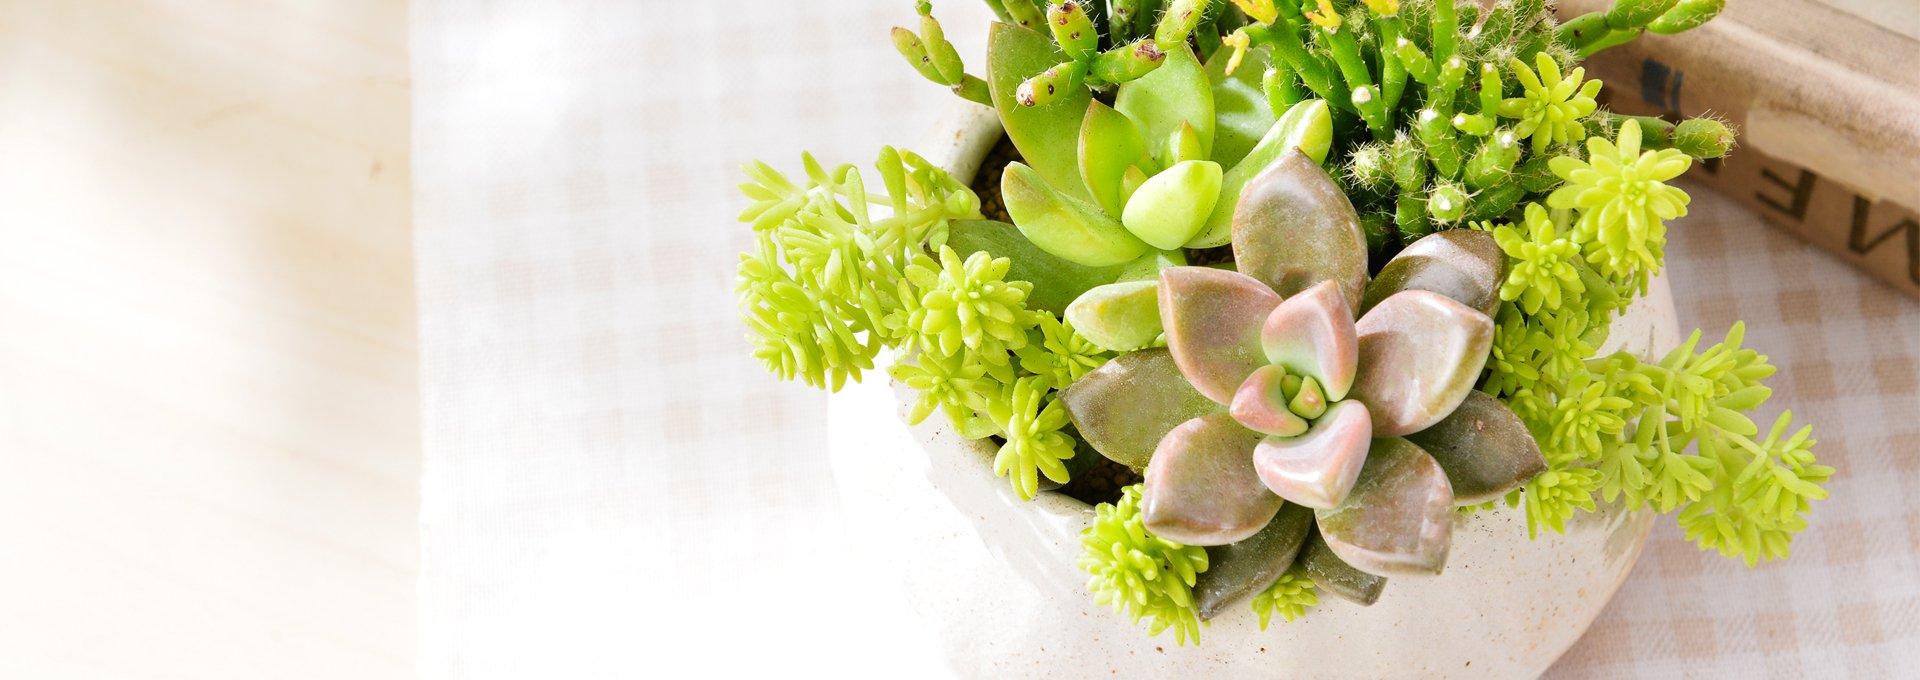 有肉 Succulent & Gift - 官方網站 4